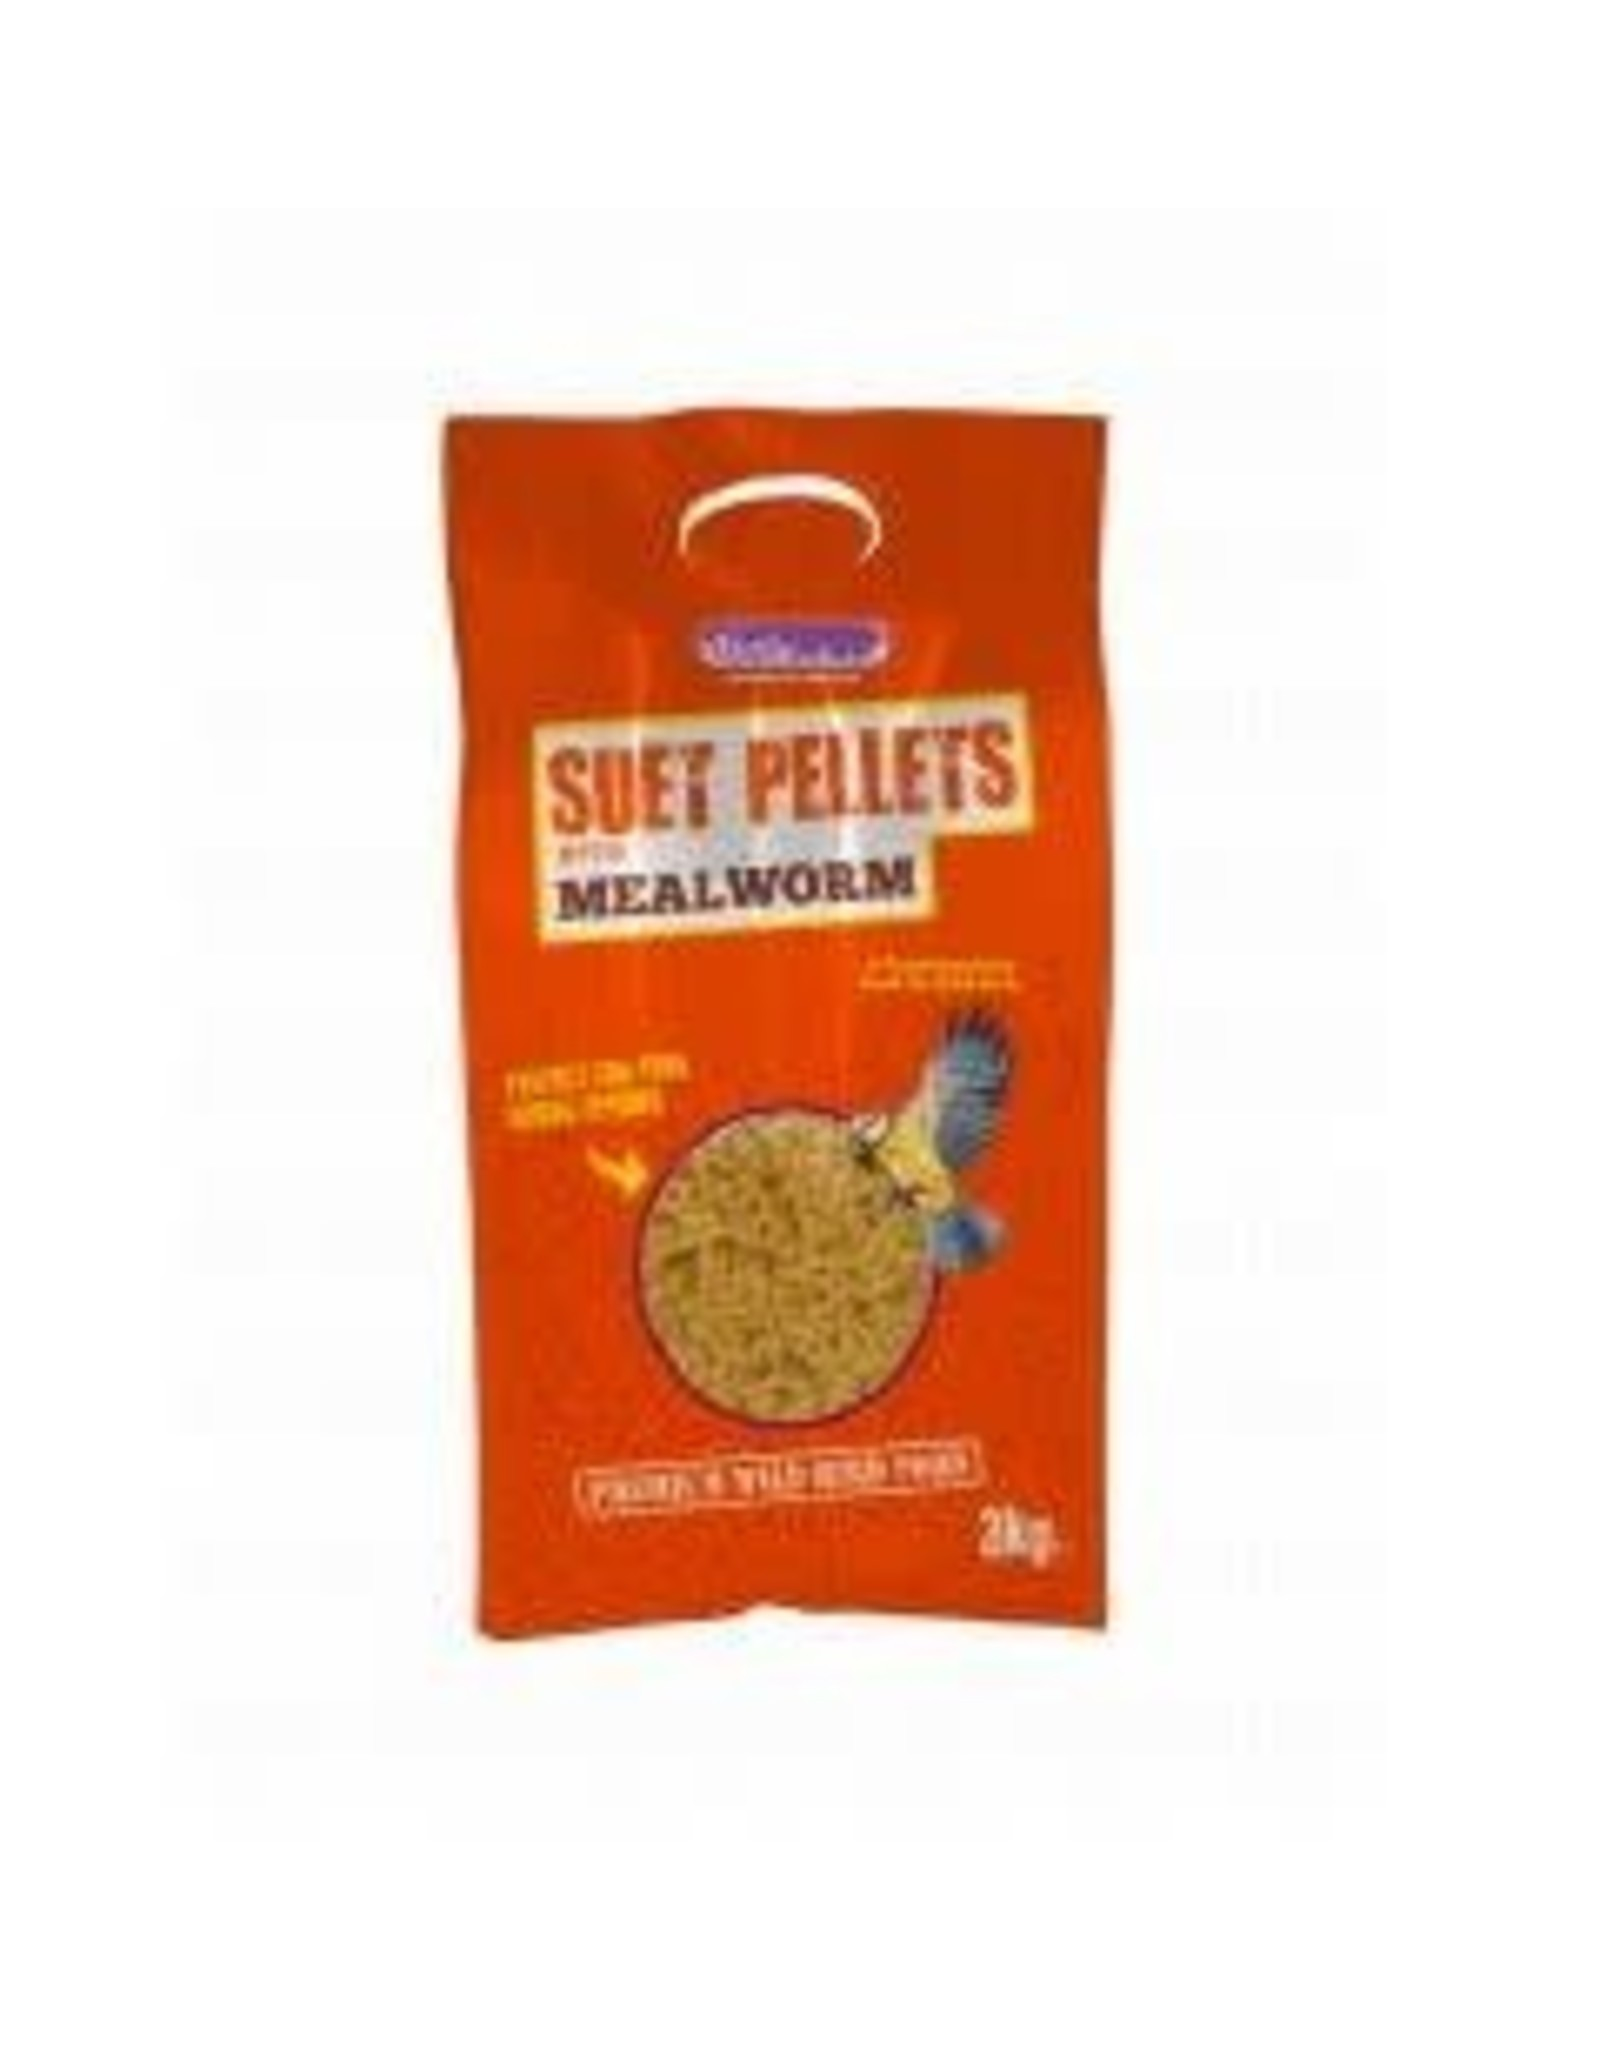 Suet To Go Suet Pellets Mealworm